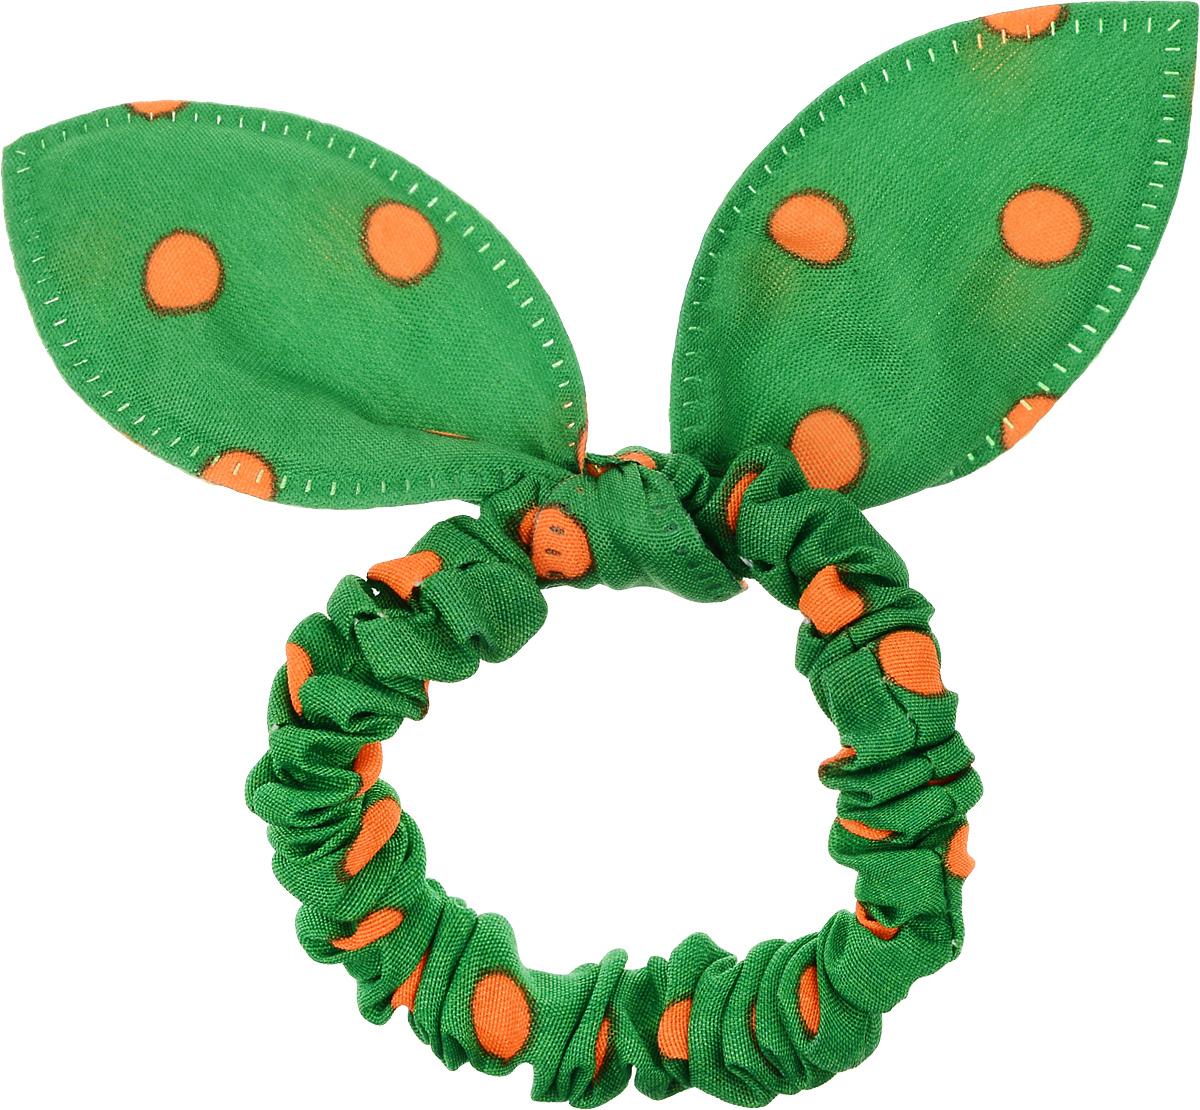 Magic Leverage Резинка для волос, цвет: зеленый, оранжевый